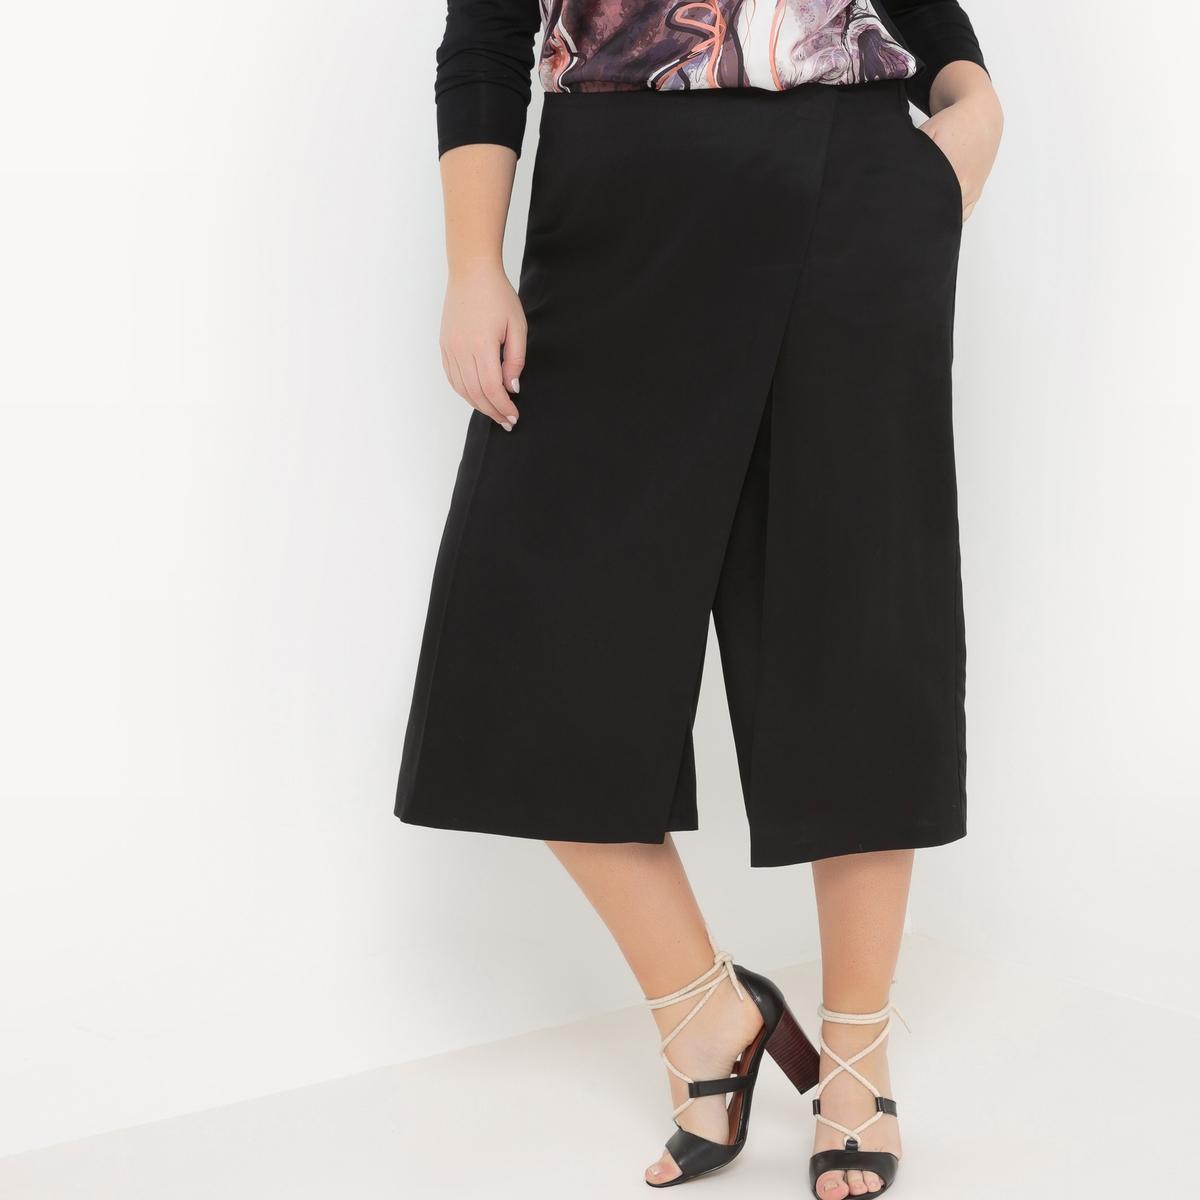 Юбка-брюкиЮбка-брюки Mellem из тенсела, вставка спереди для имитации юбки. Эластичный пояс, регулируемый сзади. 100% вискоза<br><br>Цвет: черный<br>Размер: 52 (FR) - 58 (RUS).50 (FR) - 56 (RUS)